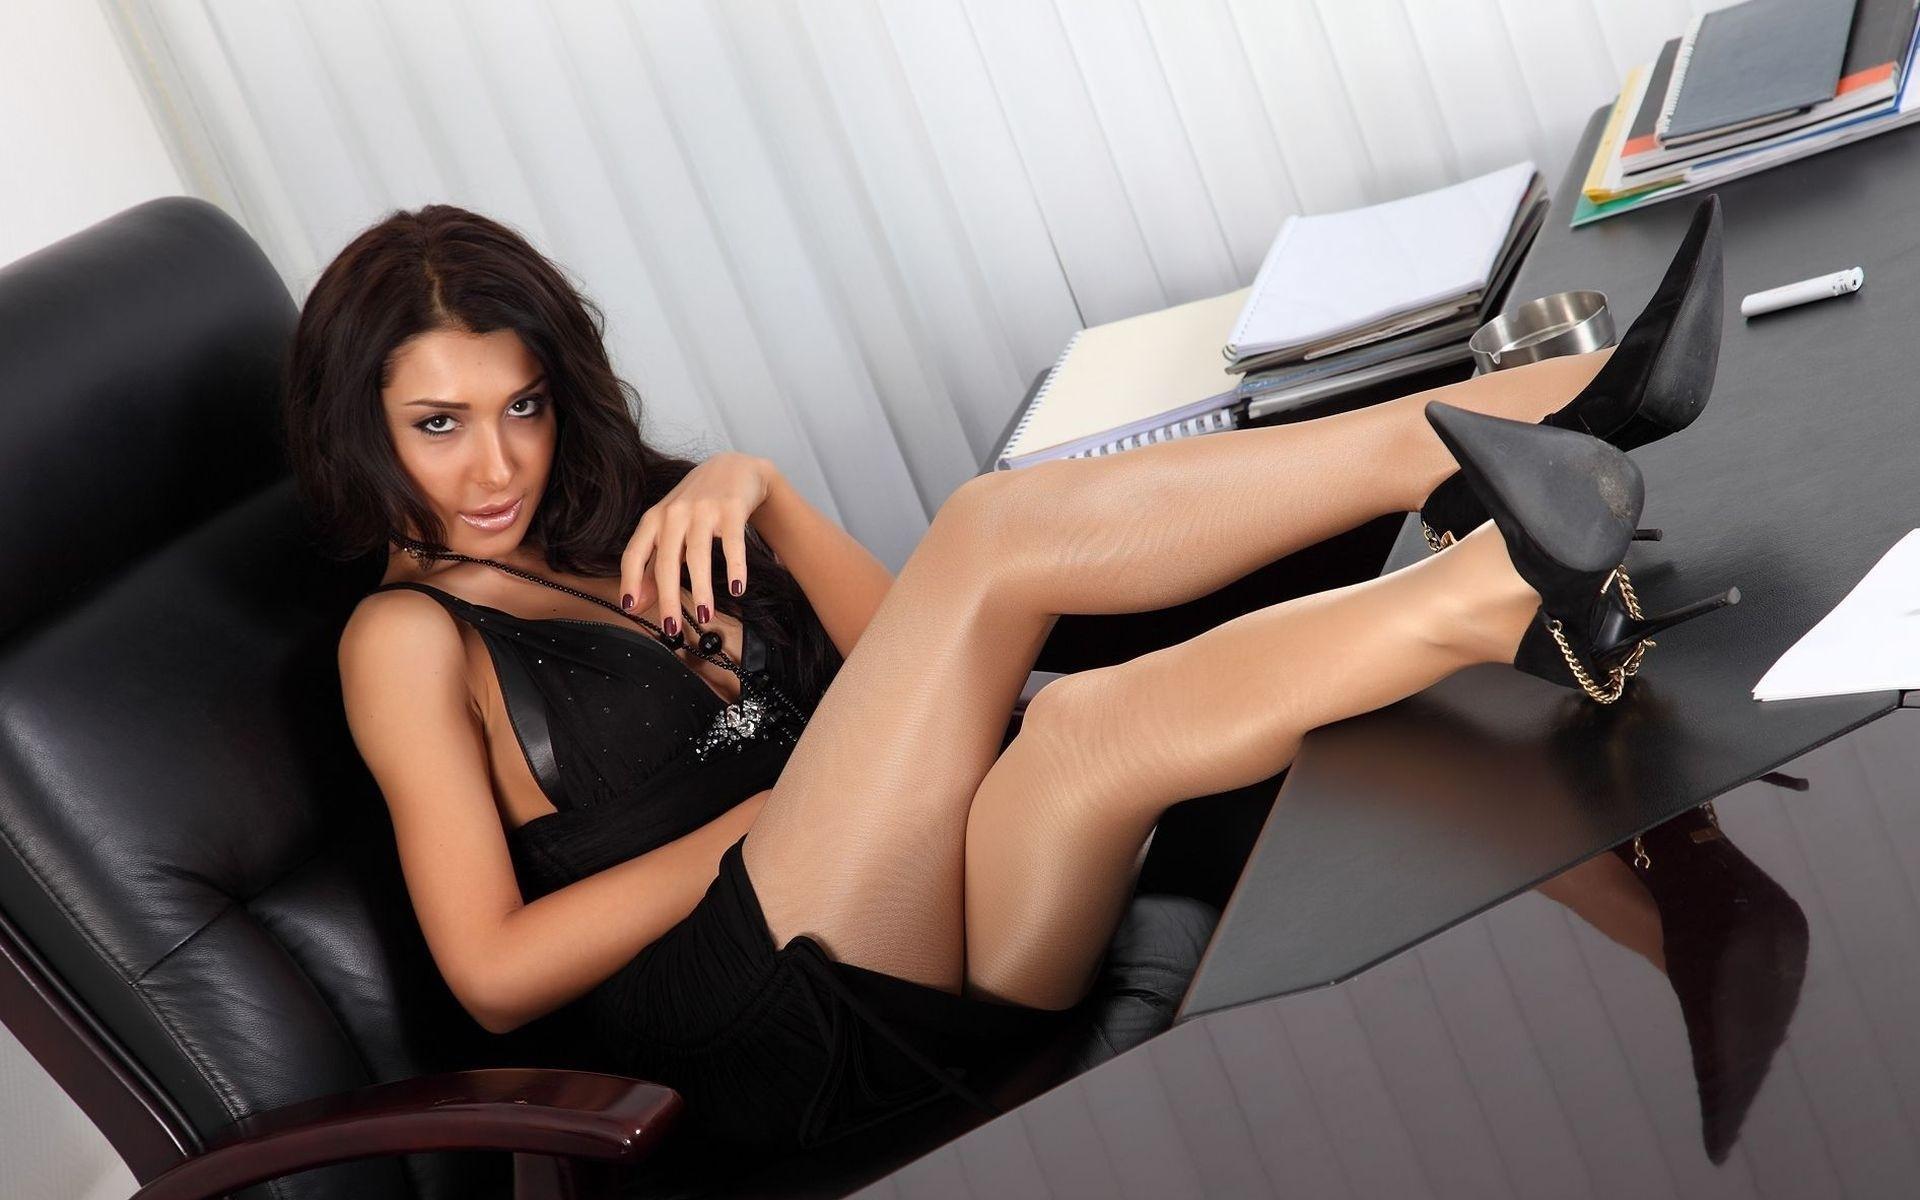 Фото в деловой юбке в колготки, Колготки делового стиля: цвет колготок и чулок для 9 фотография